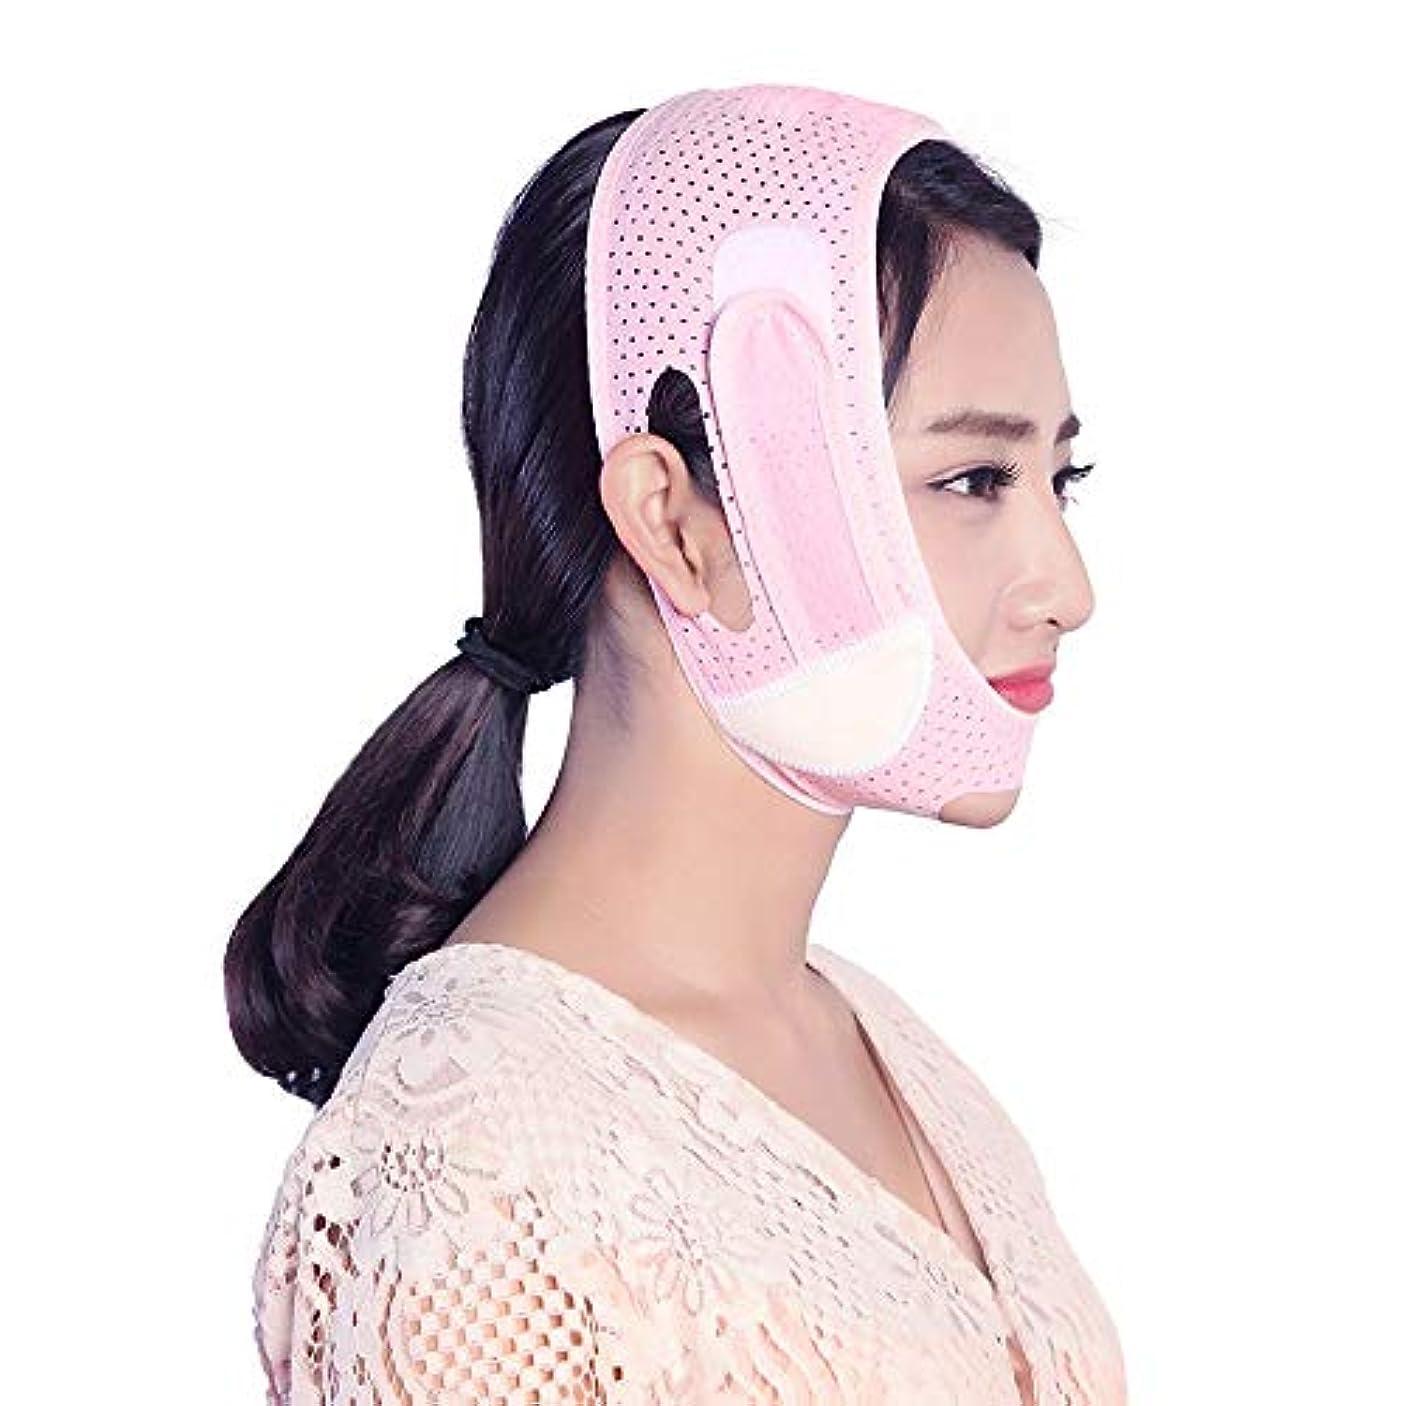 与えるオープニング指標Minmin 睡眠薄い顔パッチ包帯吊り上げプルv顔引き締めどころアーティファクト判決パターン二重あご薄いマッセルマスク - ピンク みんみんVラインフェイスマスク